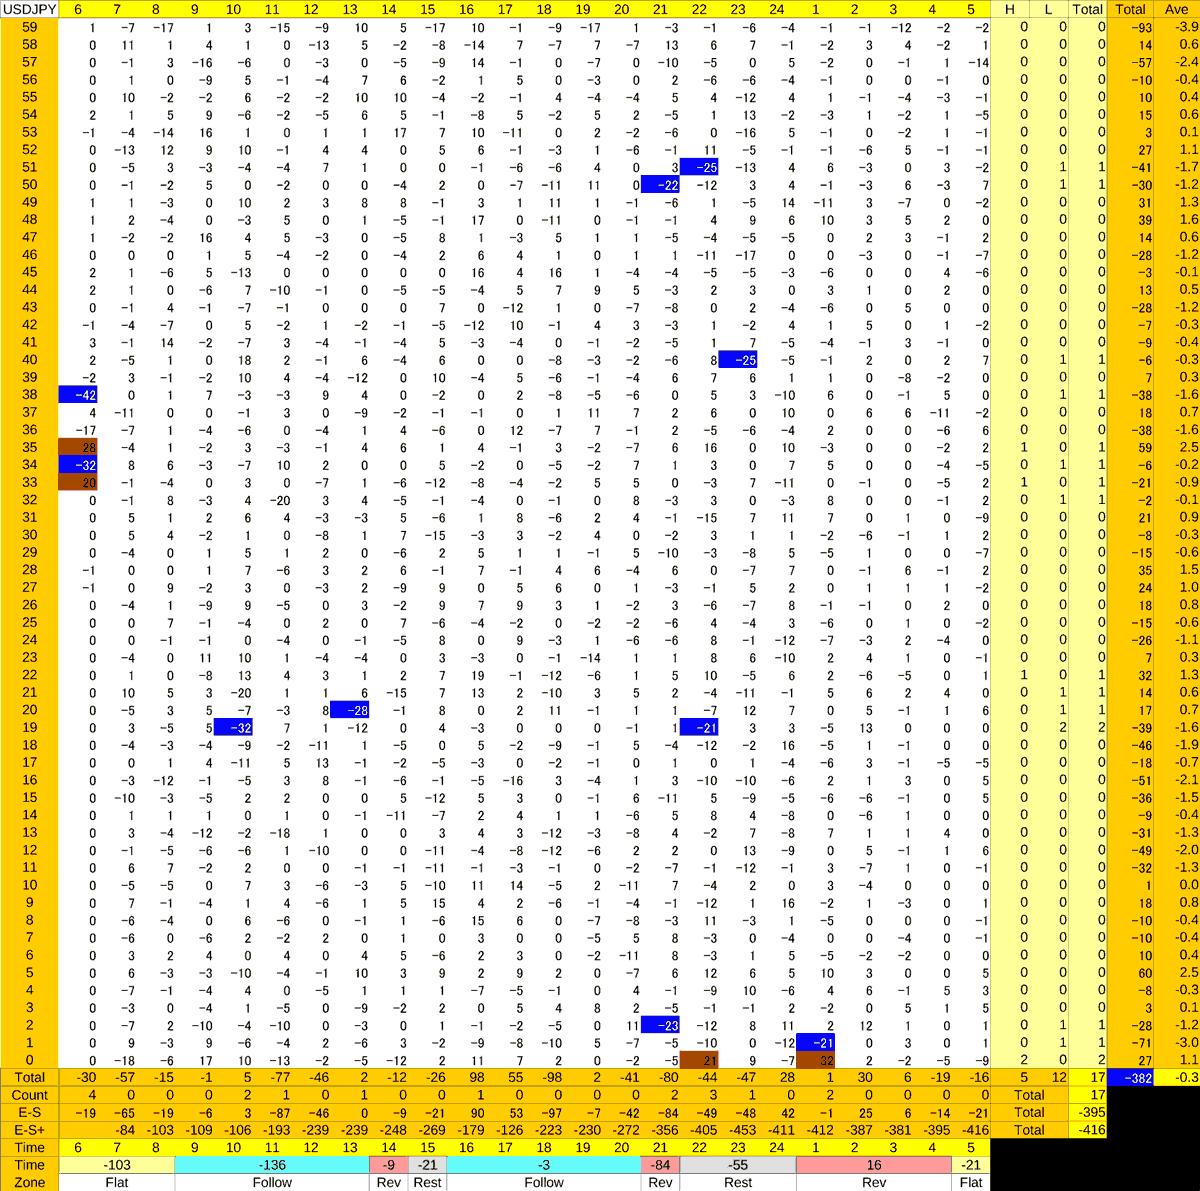 20201012_HS(1)USDJPY